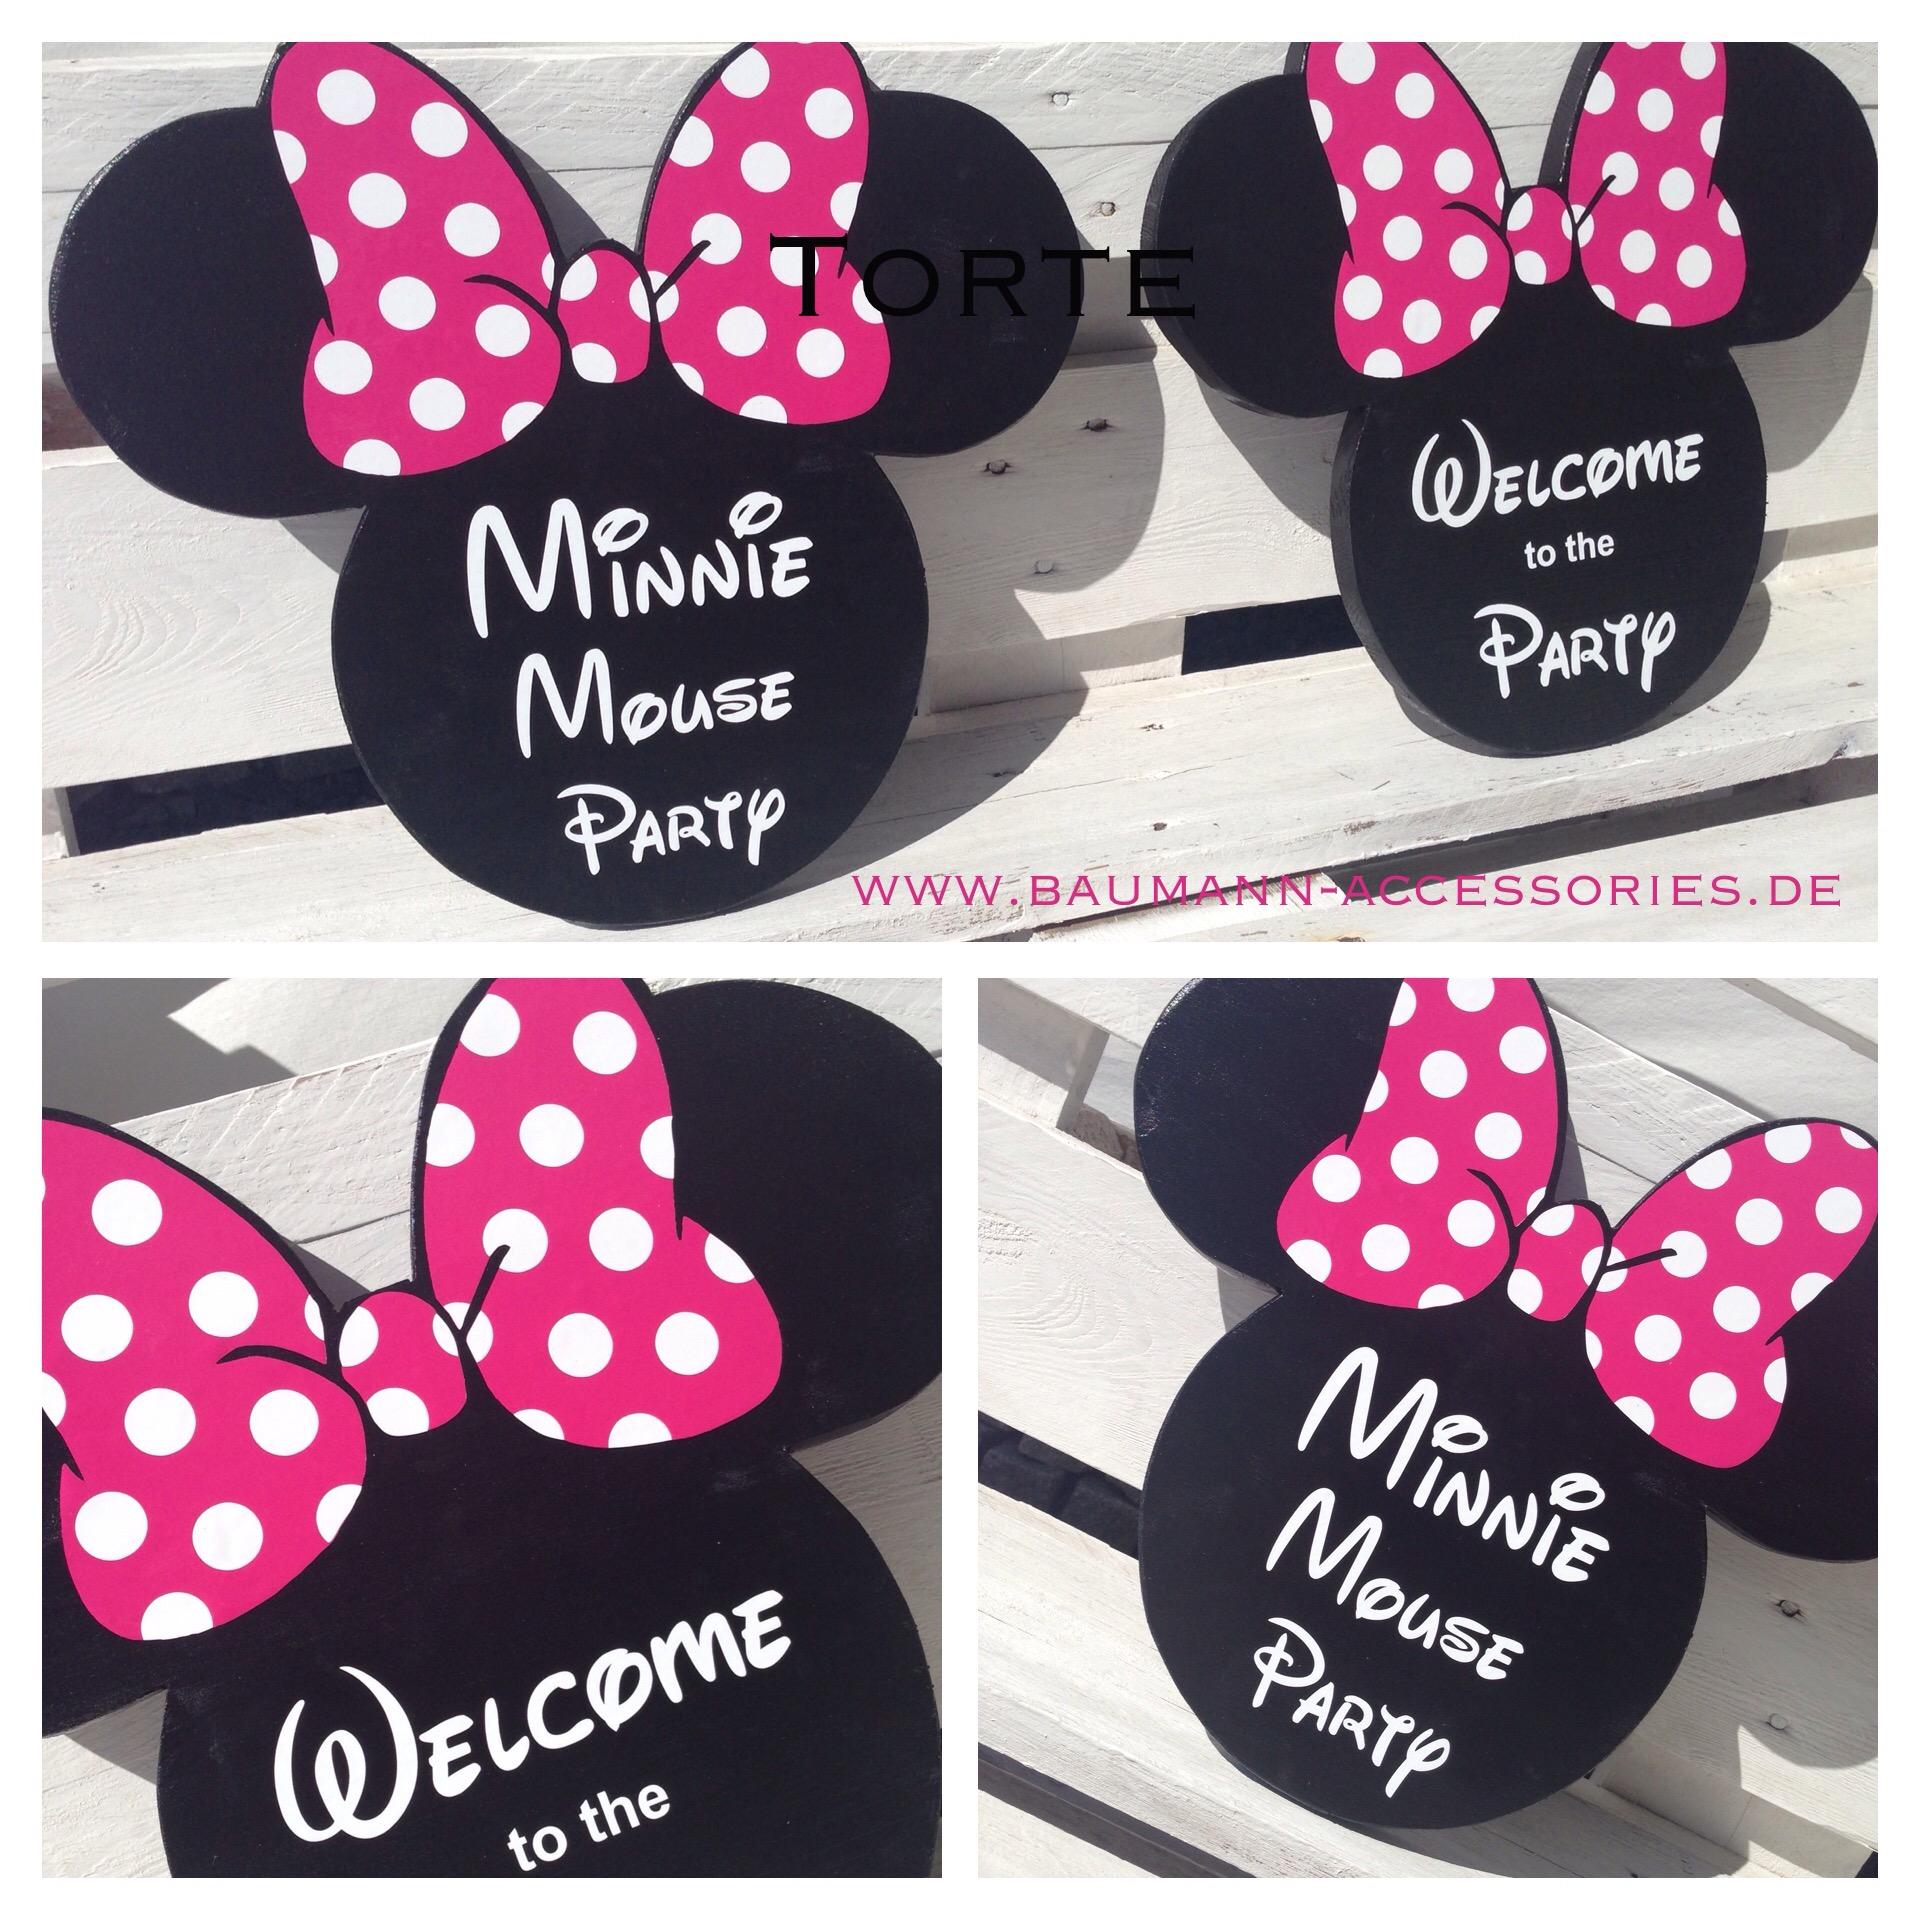 Die Vorbereitungen für die Minnie Mouse Party laufen… | baumann ...